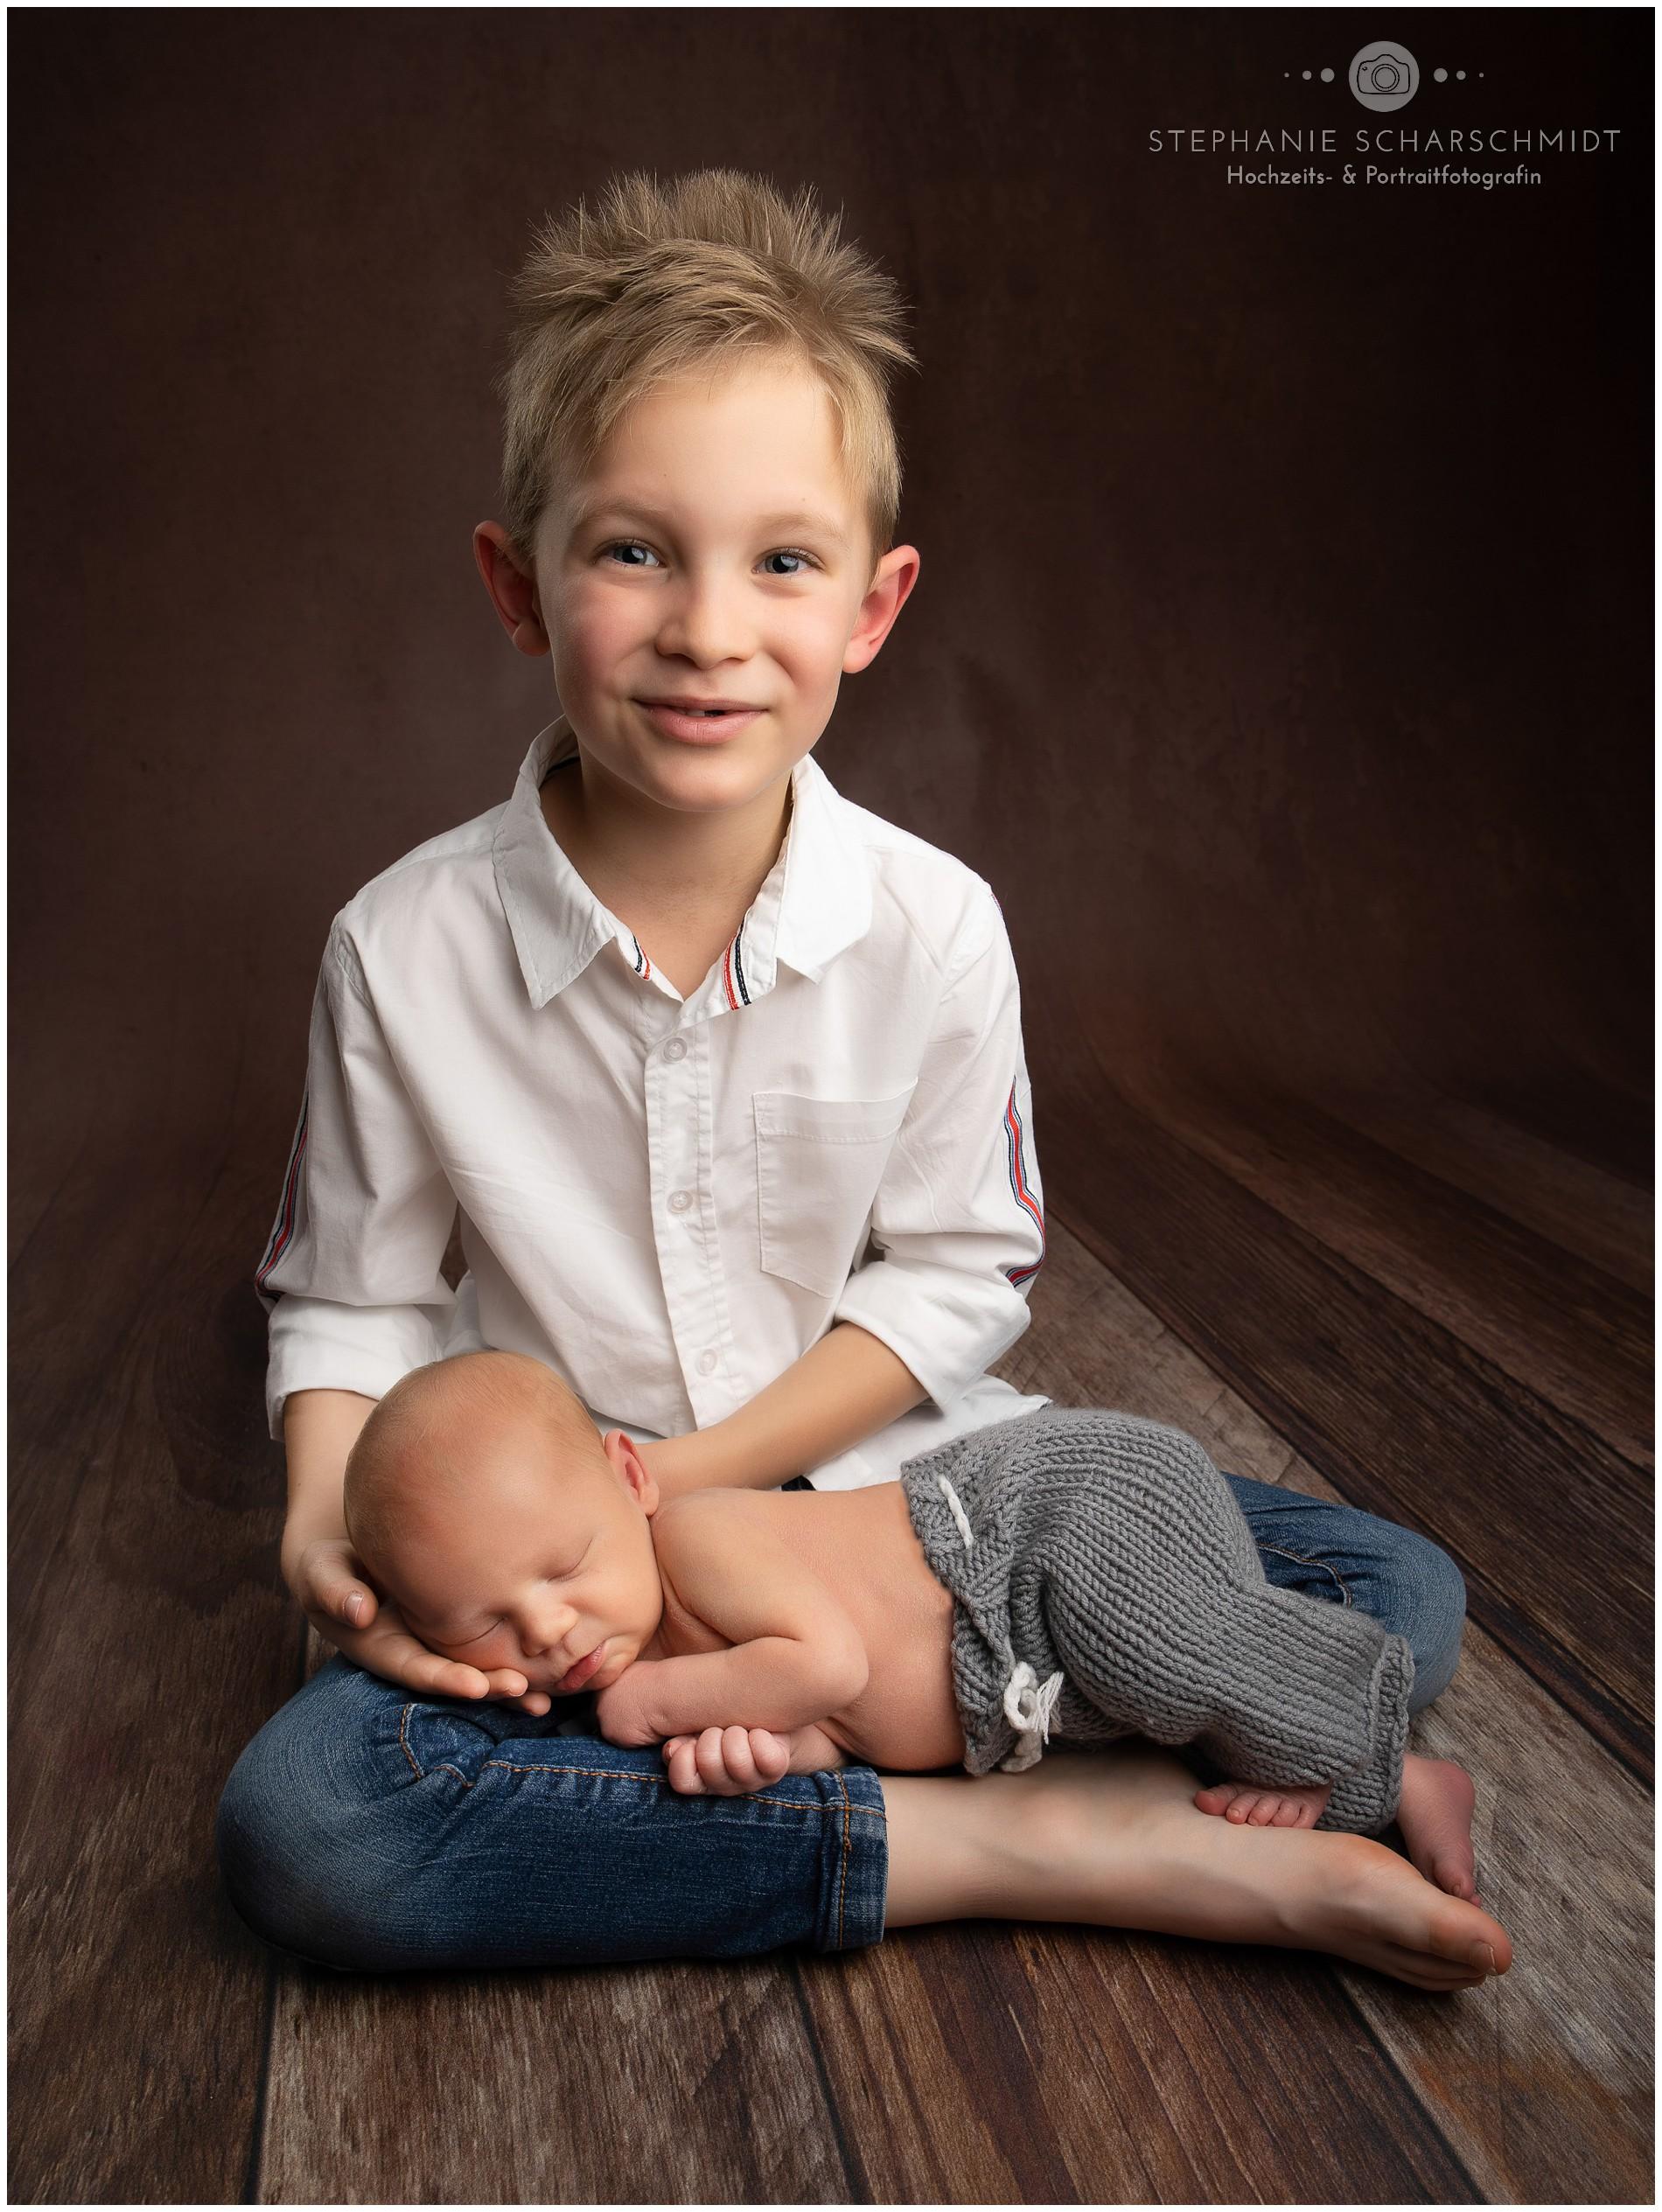 19-08-05 09 Babyfotos Plauen - Stephanie Scharschmidt